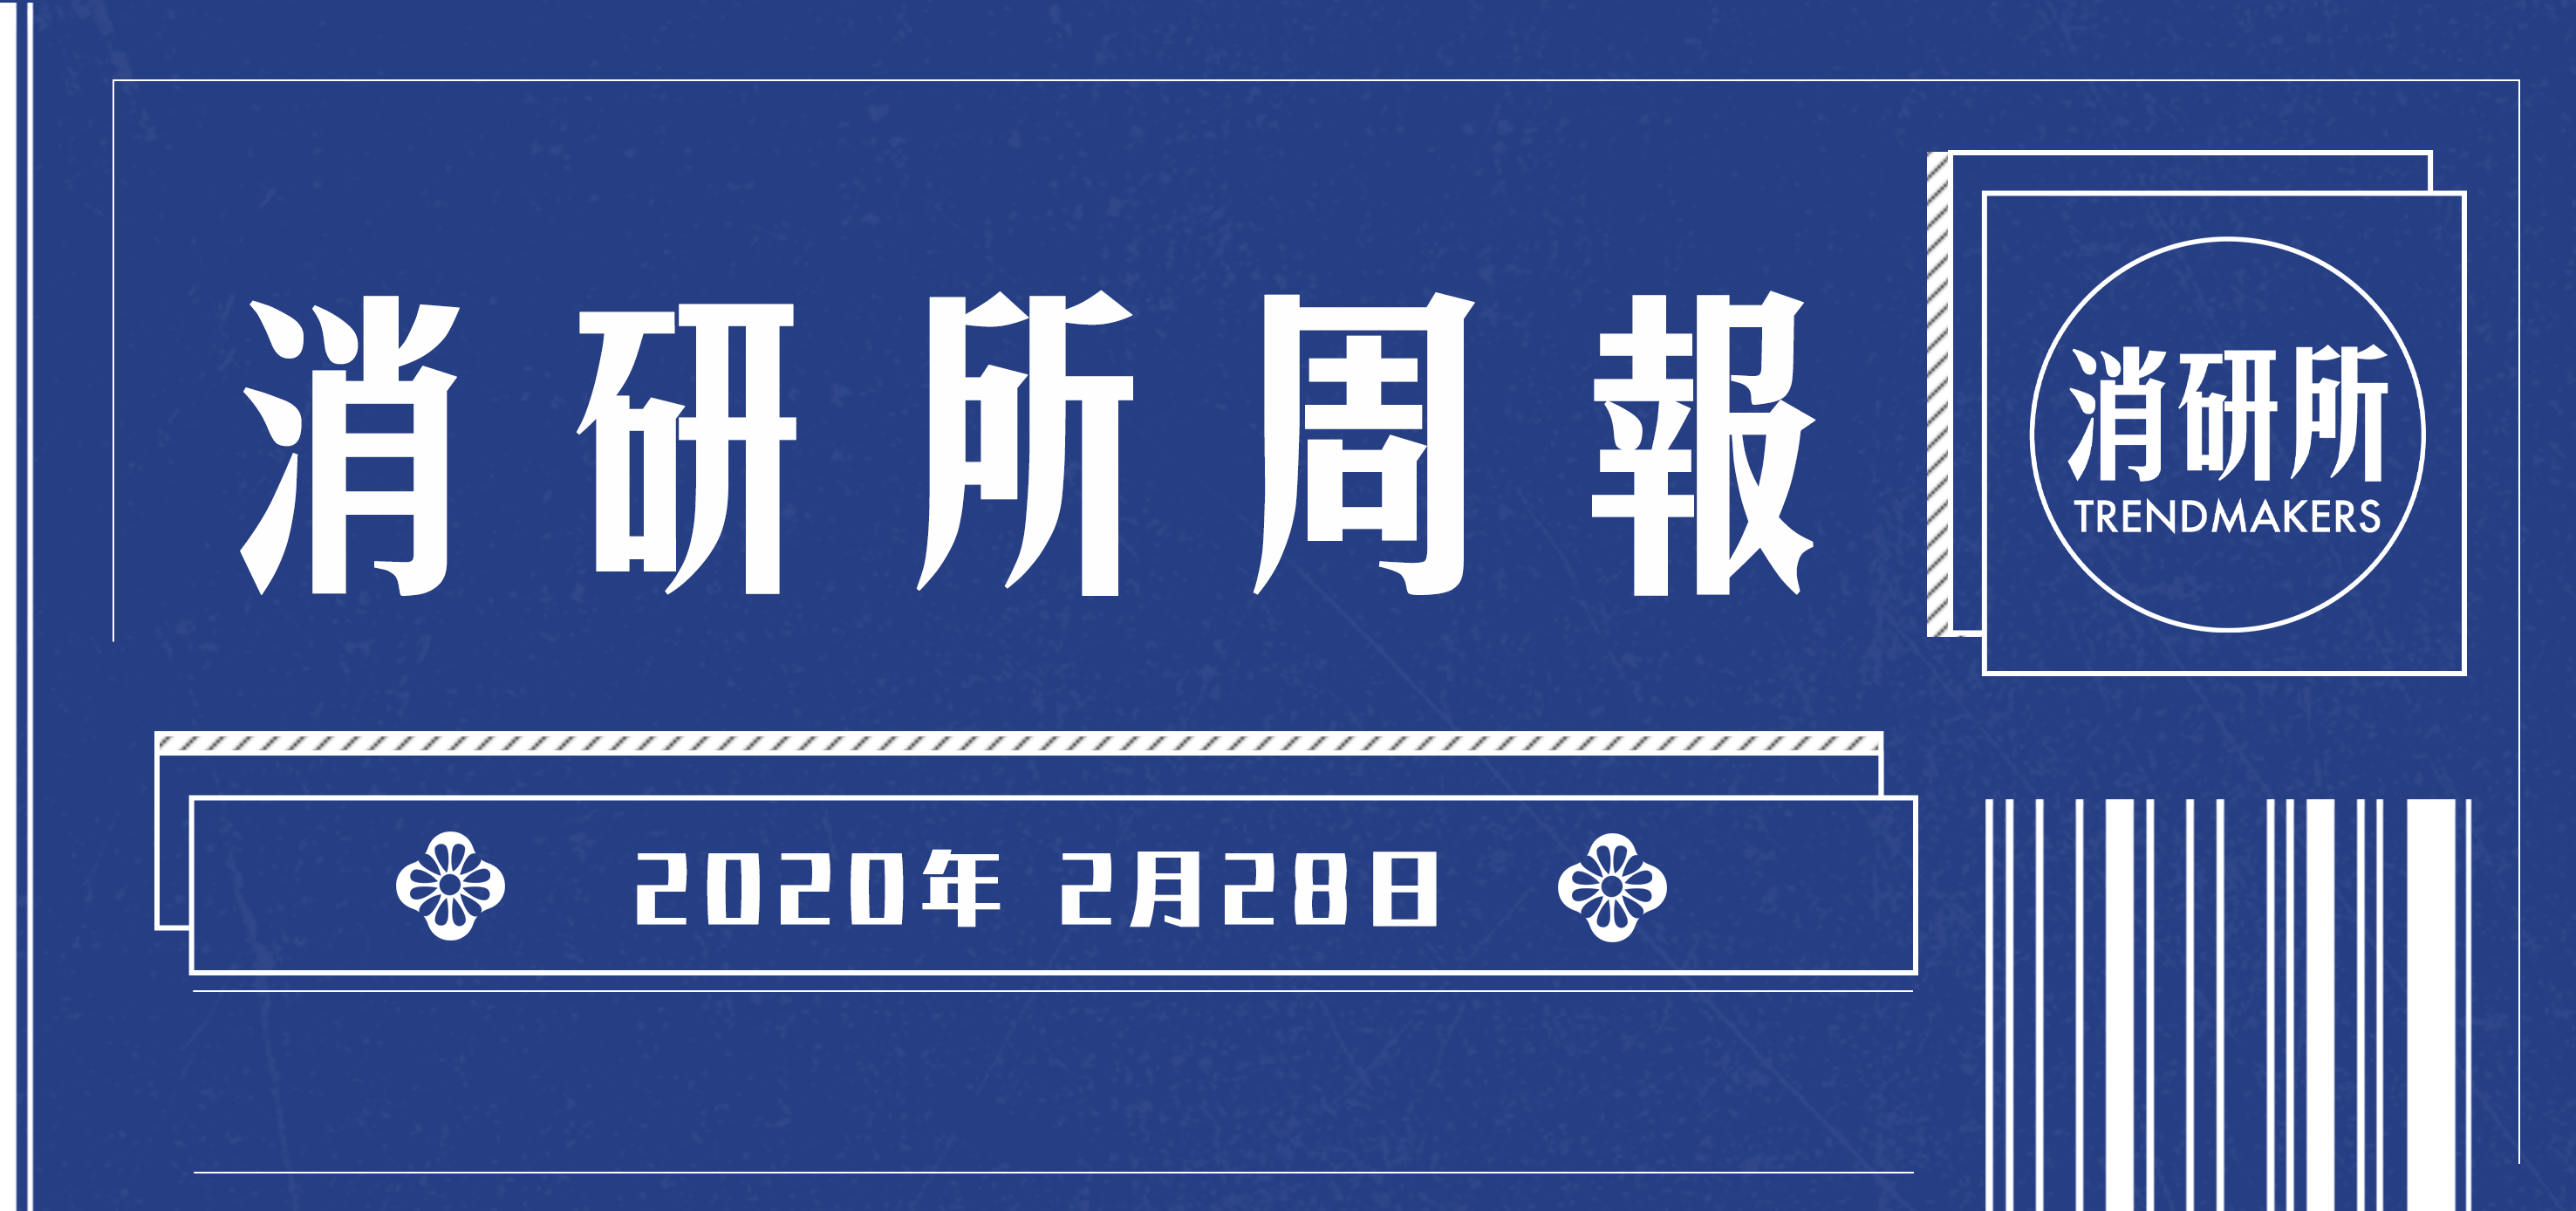 """瑞幸咖啡全线涨价1元;乐购退出中国;完美日记与李佳琦合作""""萌宠""""系列产品   消研所周报"""